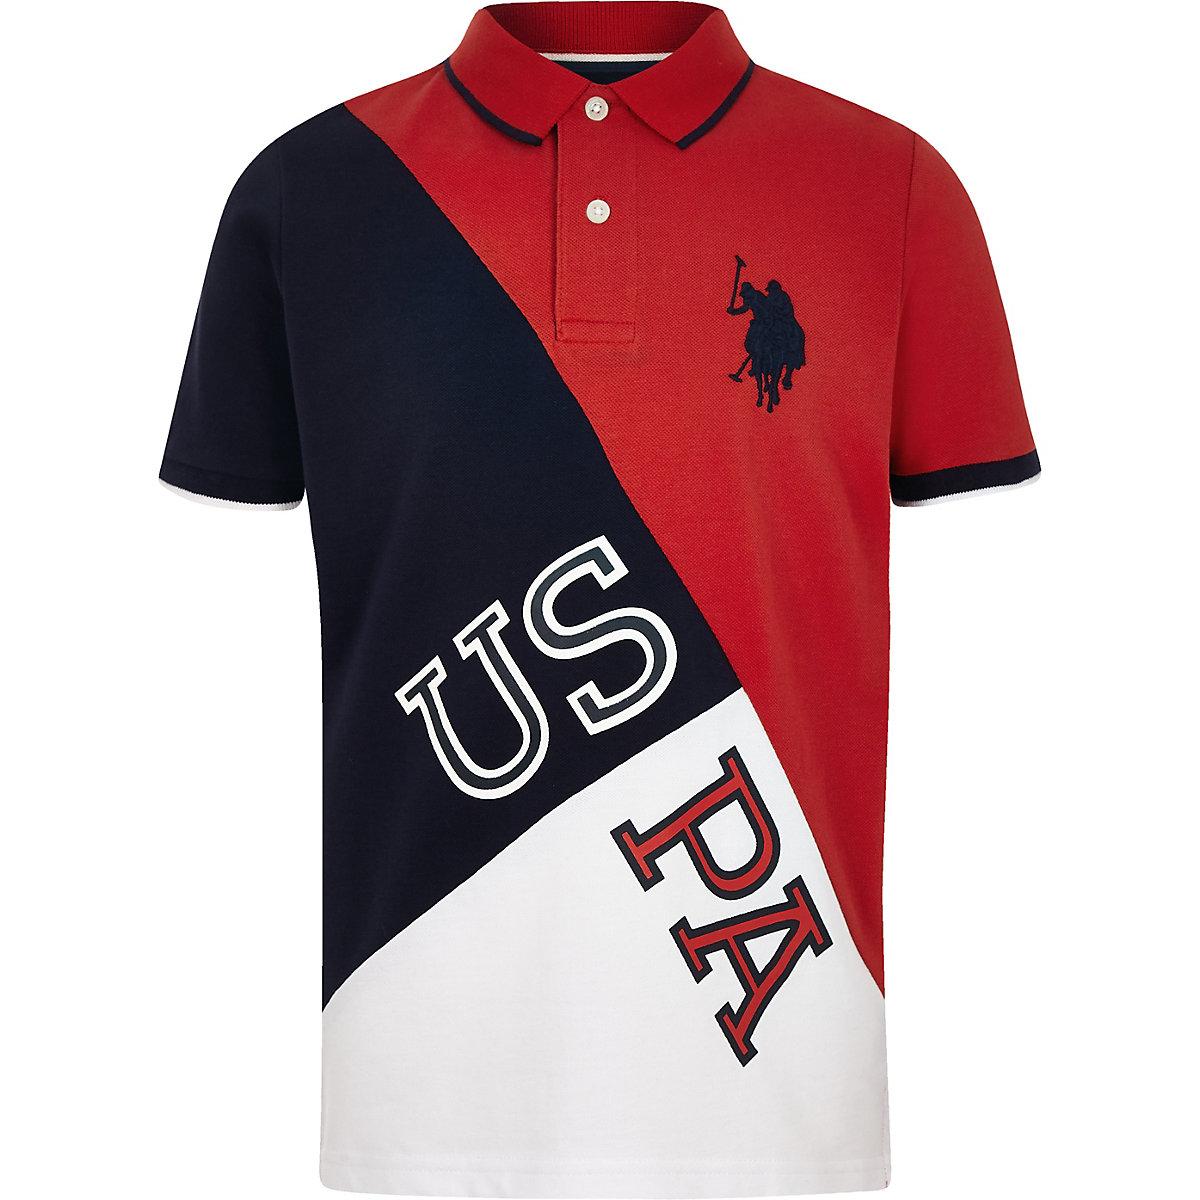 Boys red U.S. Polo Assn. block polo shirt